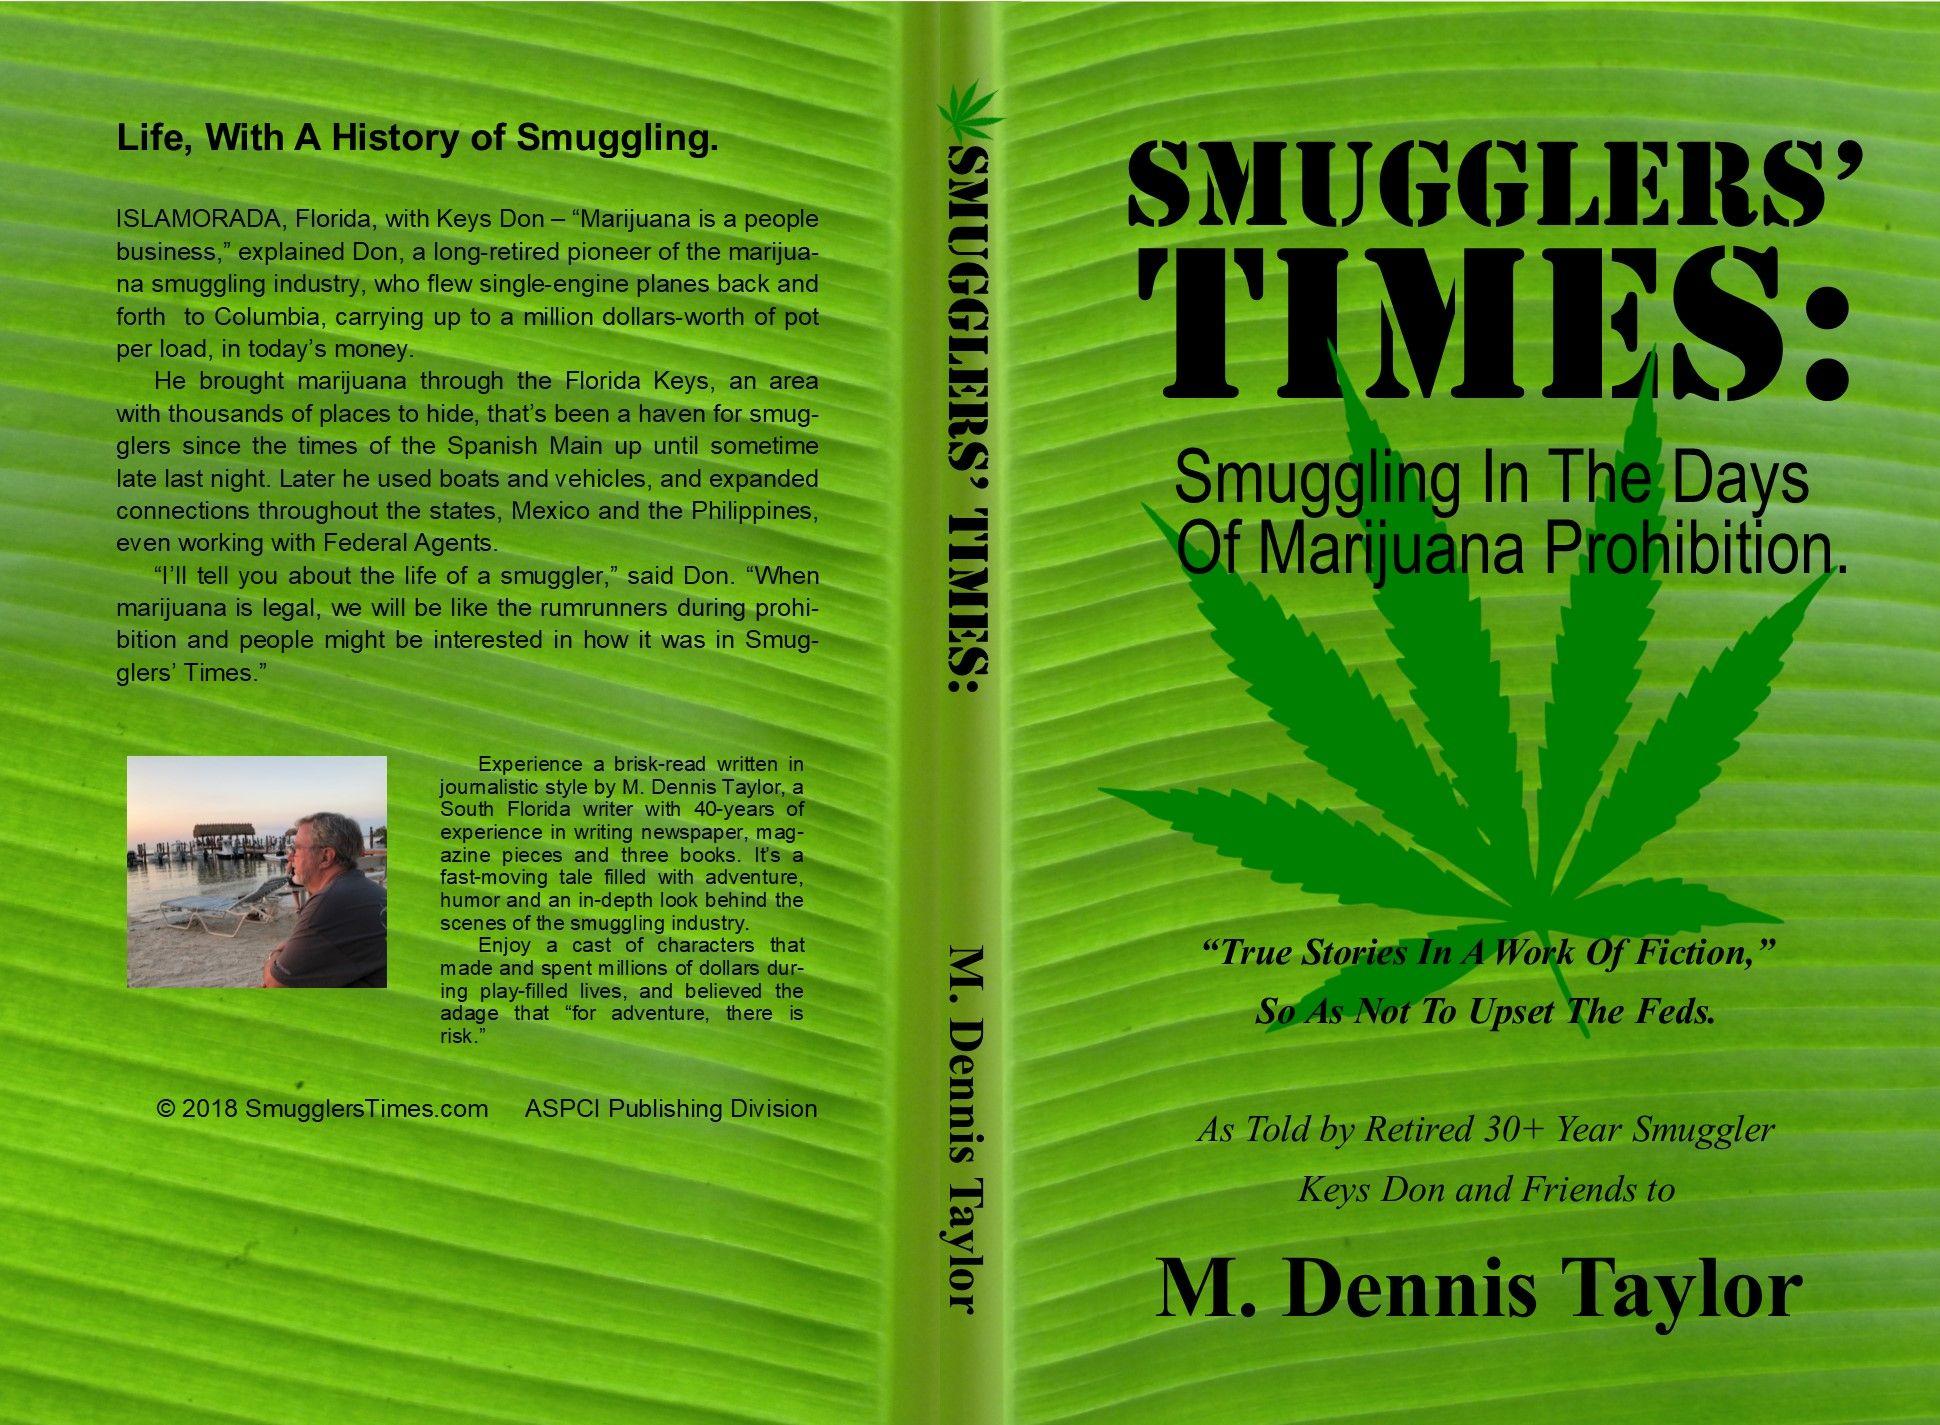 New Website SmugglersTimes.com